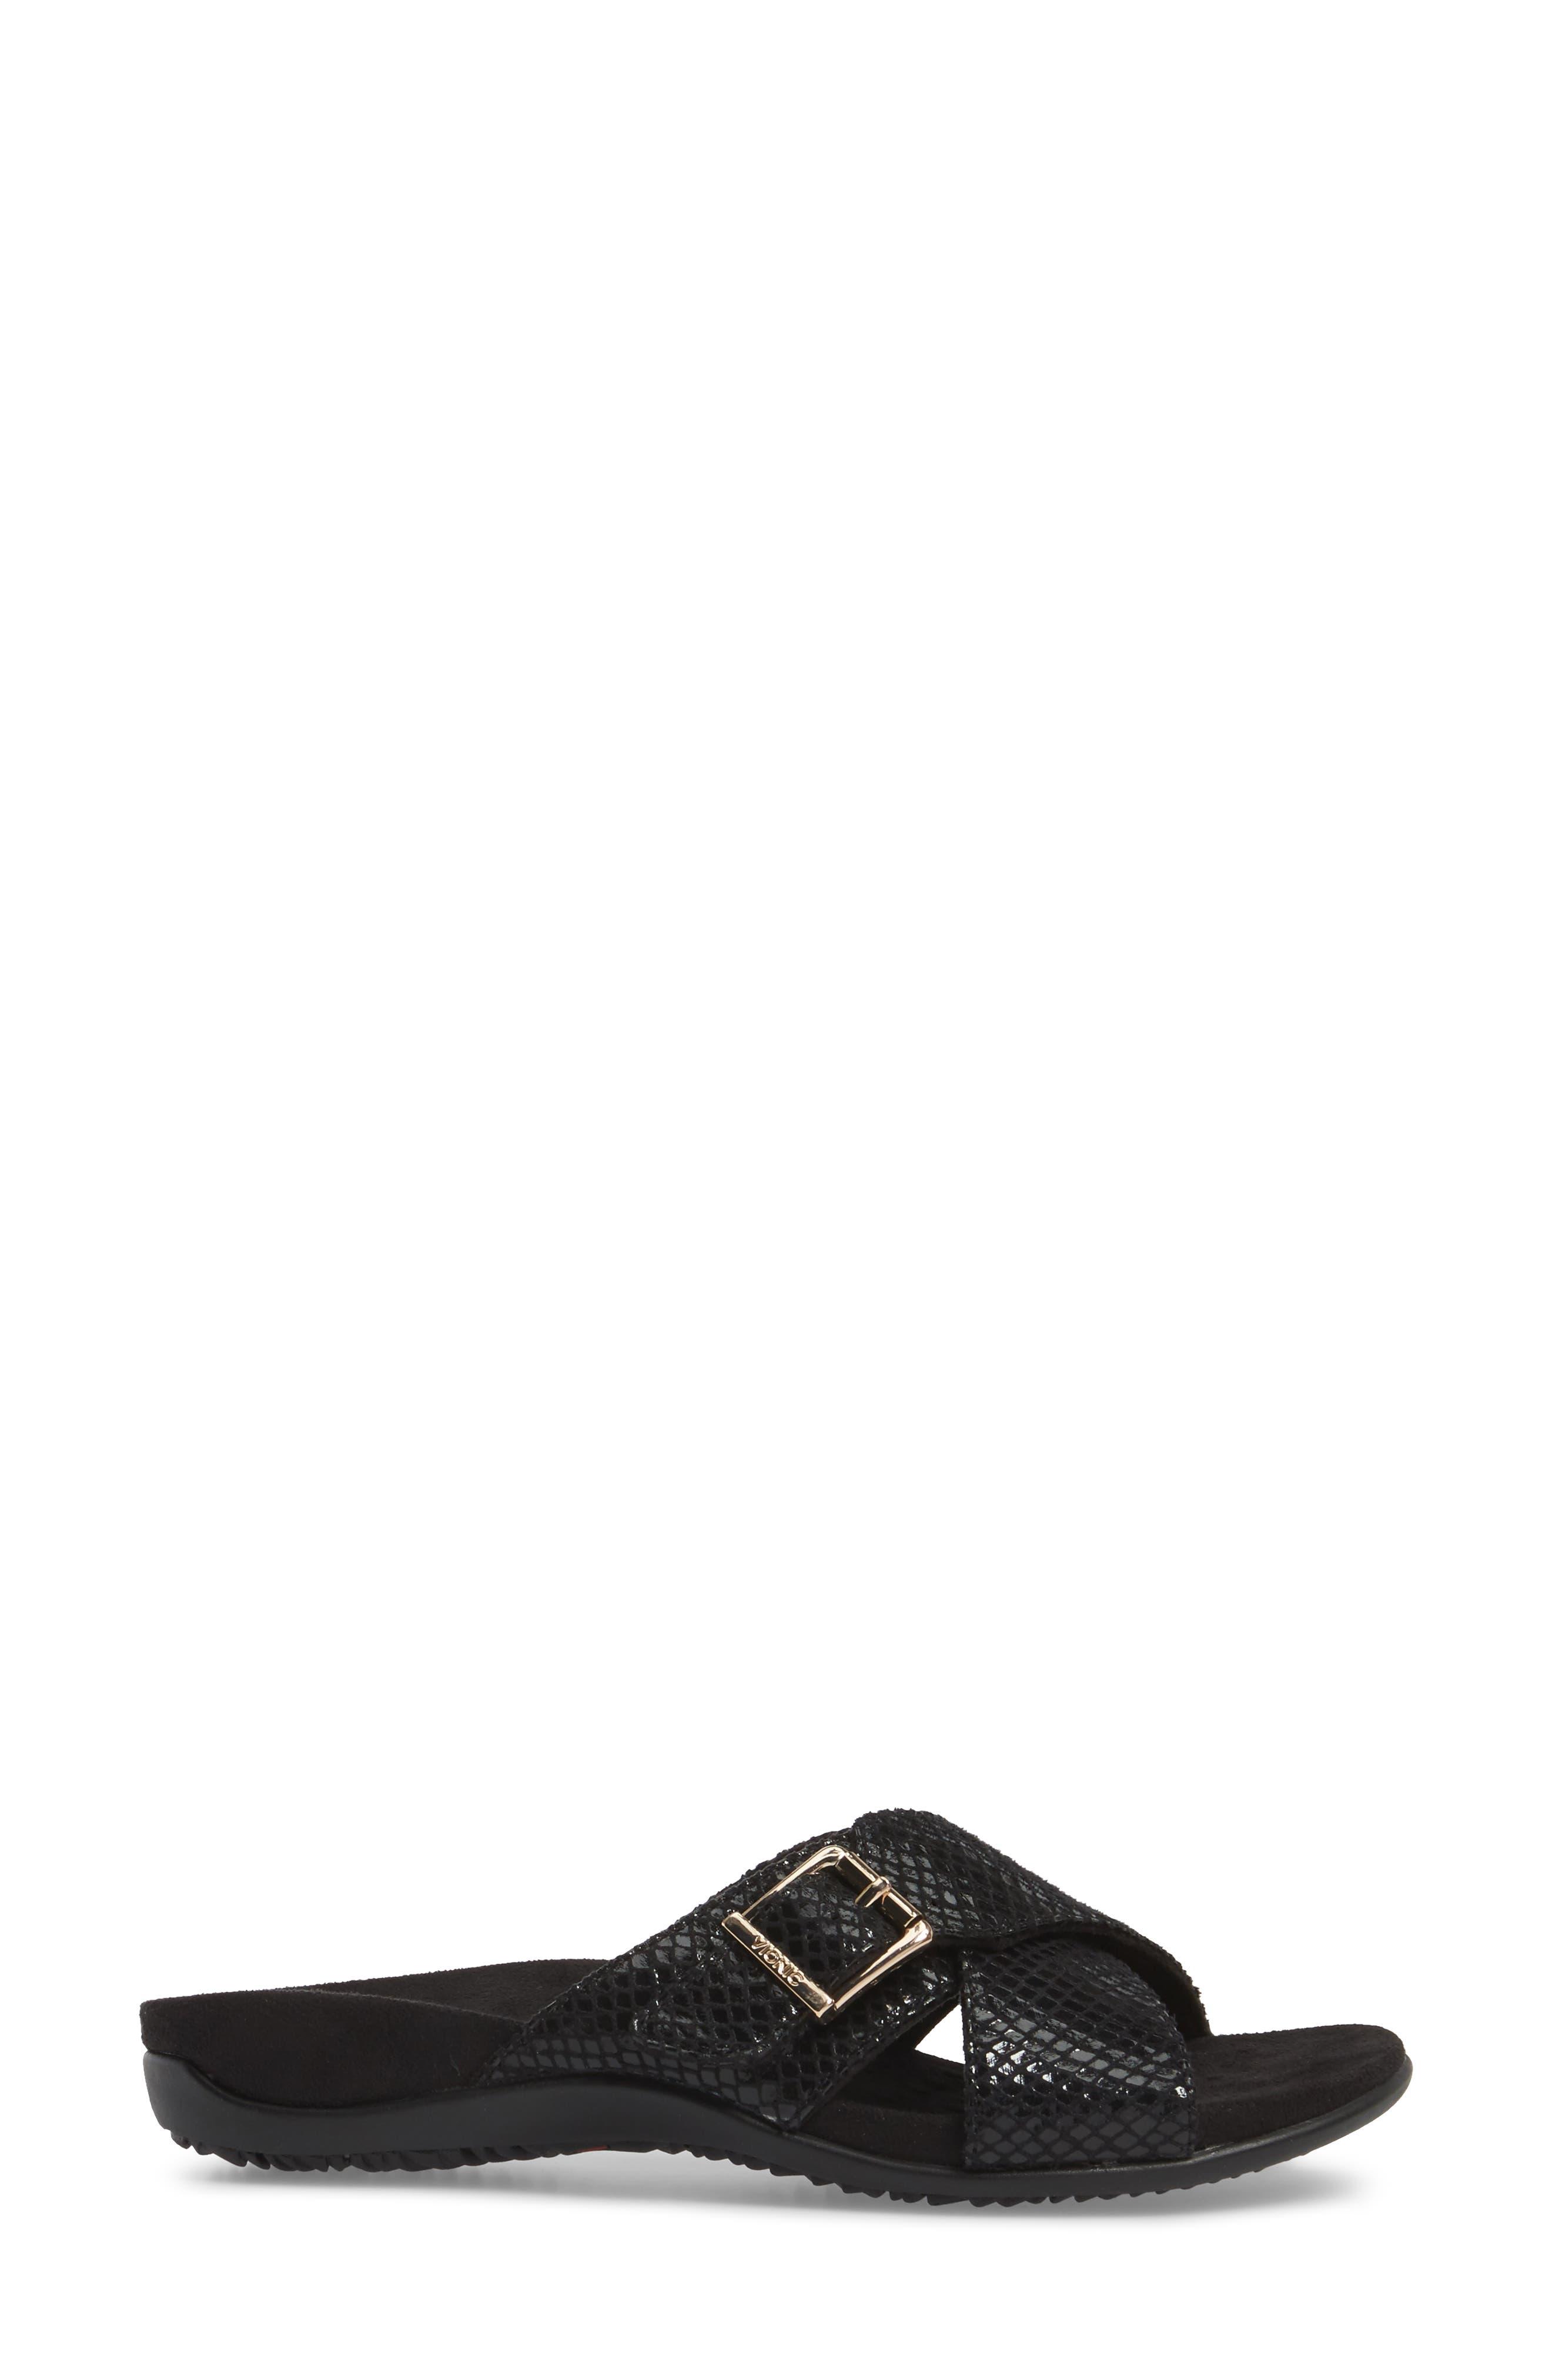 Alternate Image 3  - Vionic Dorie Cross Strap Slide Sandal (Women)